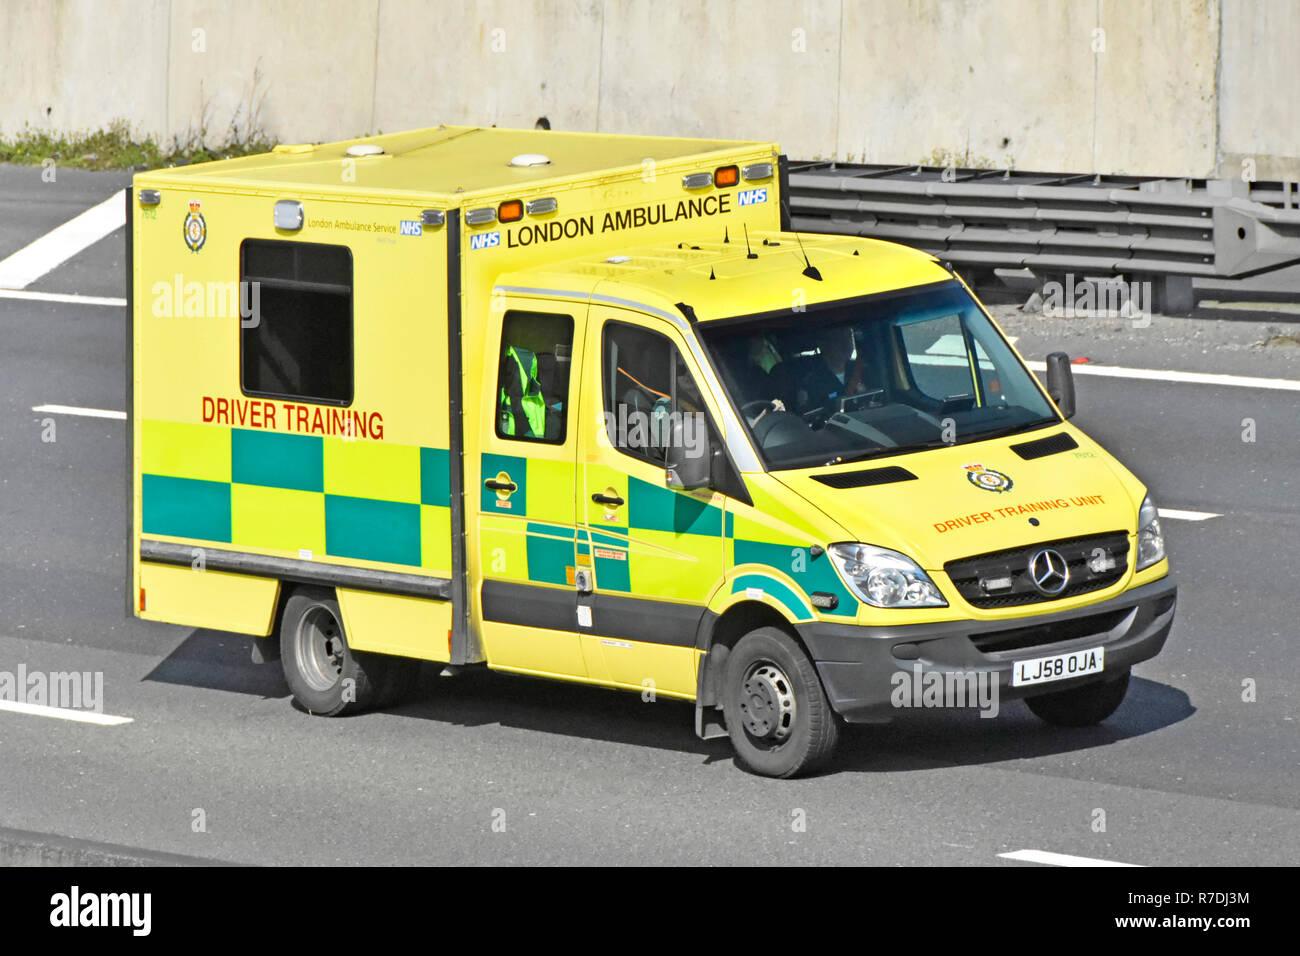 Modificato London NHS autista di ambulanza formazione & istruzione veicolo per l'istruzione pratica di apprendimento sessione di guida su autostrada M25, Essex England Regno Unito Immagini Stock